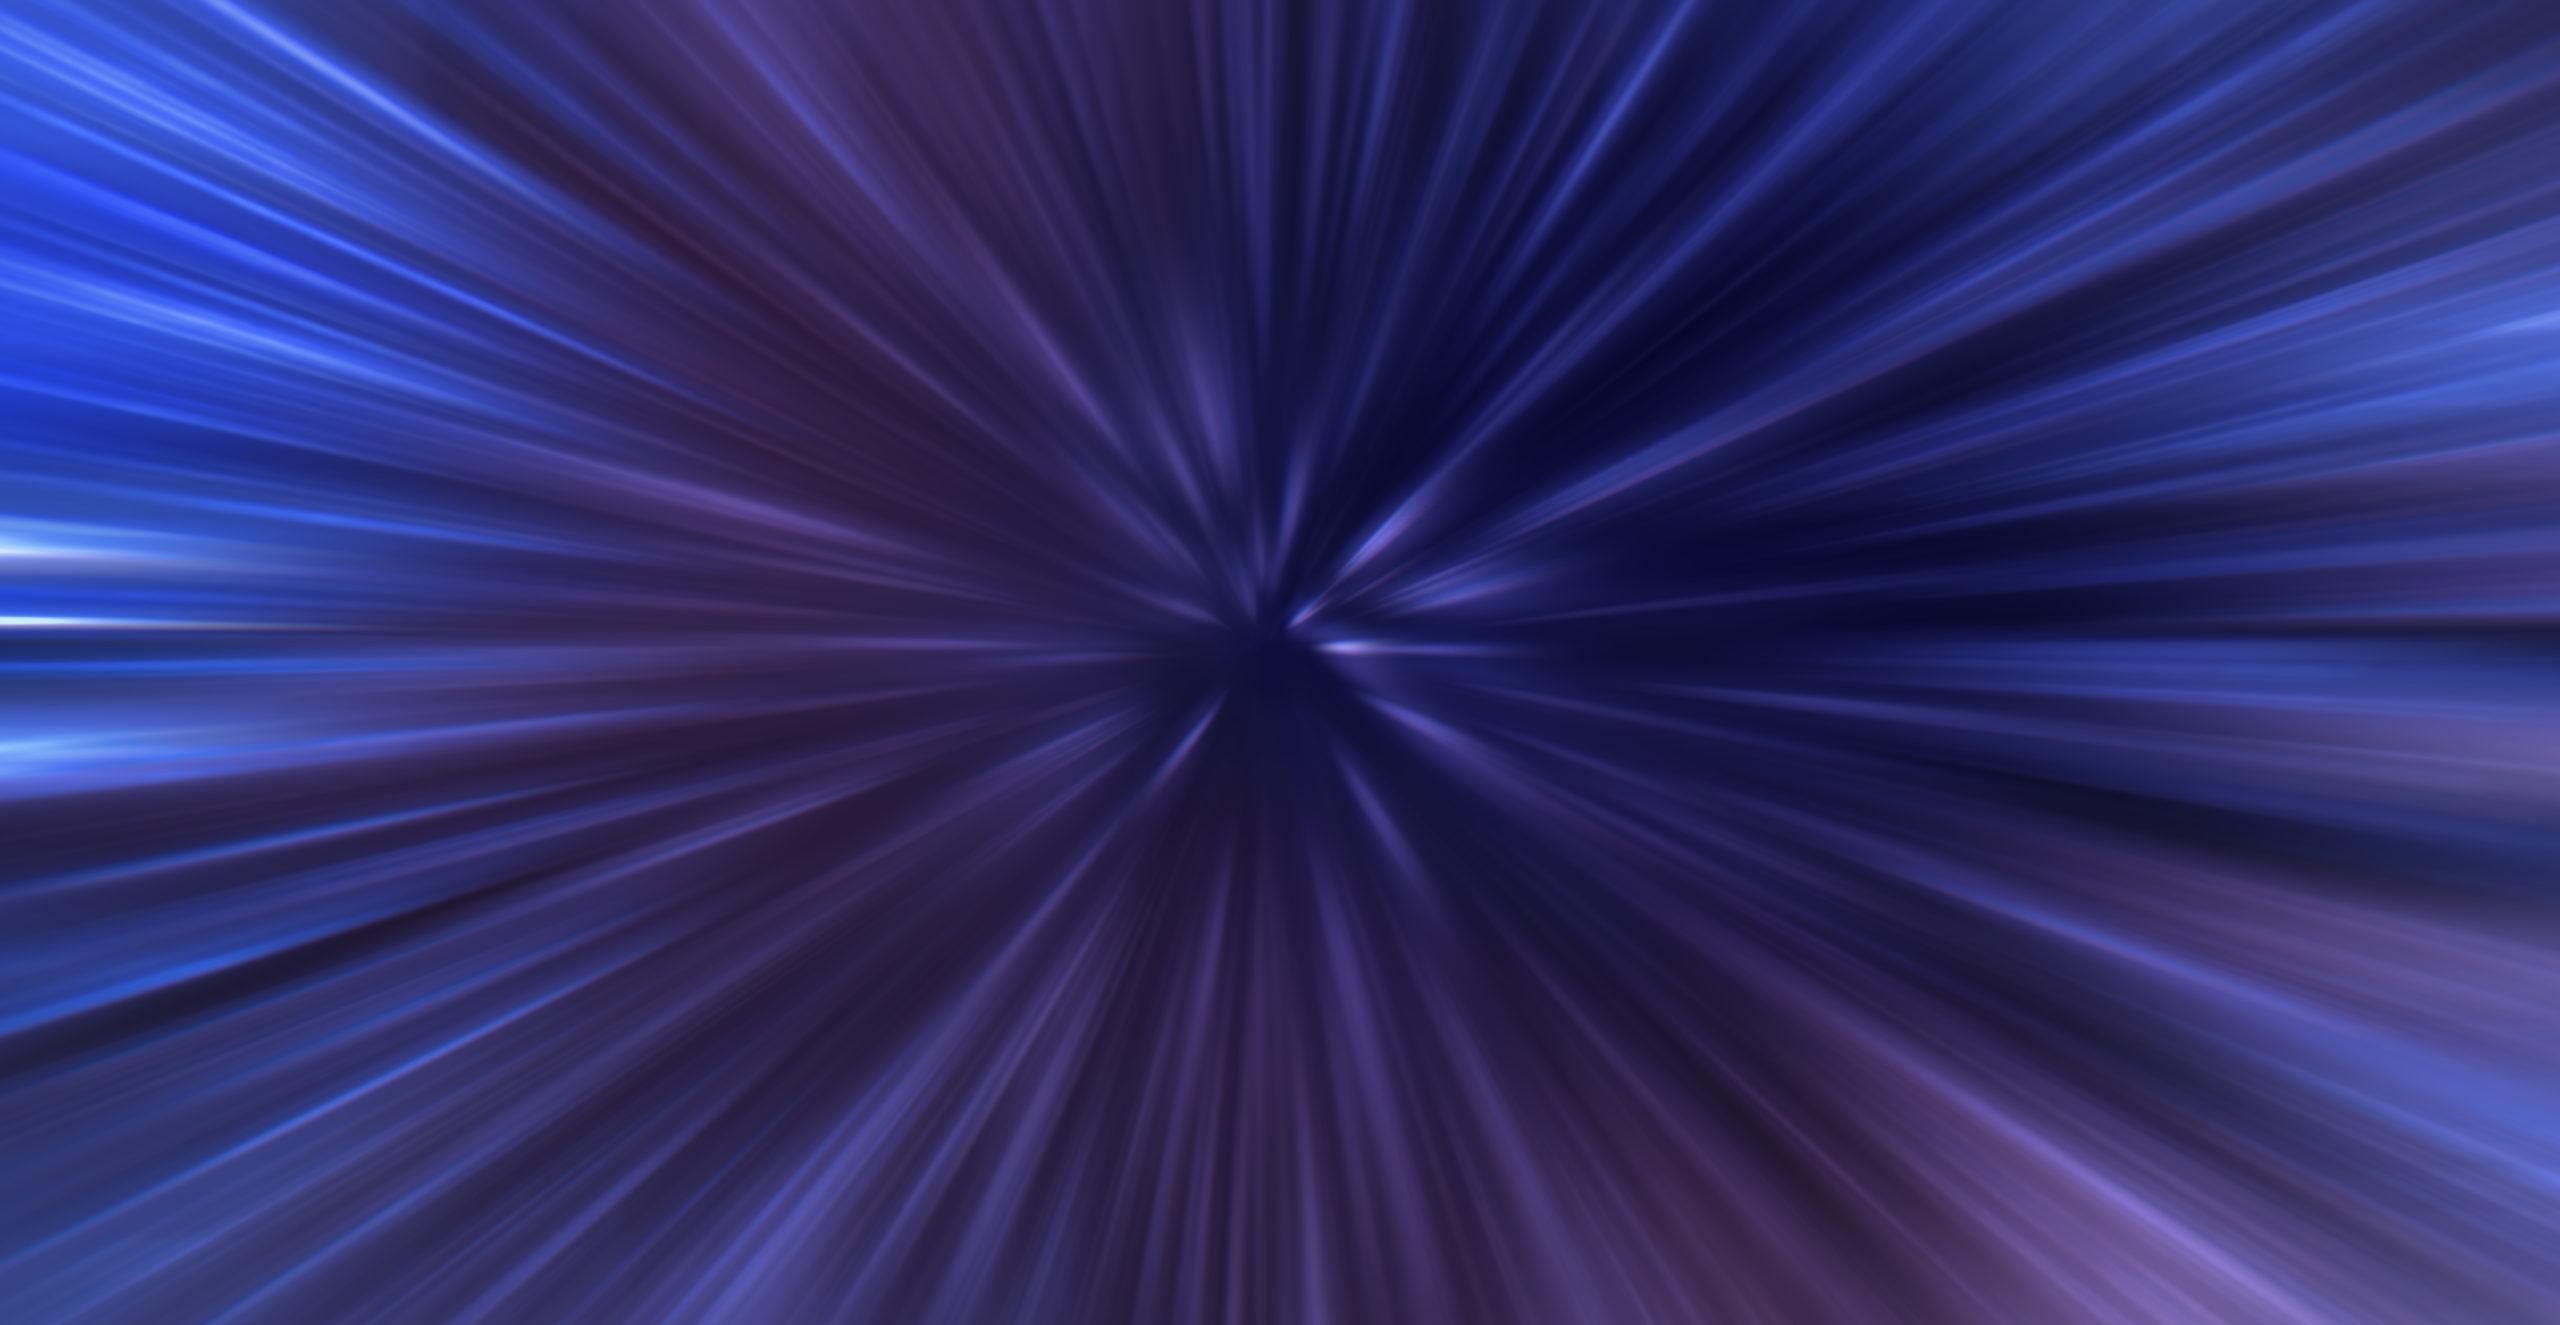 Spør en forsker: Hva skjer når et objekt roterer med lysets hastighet?